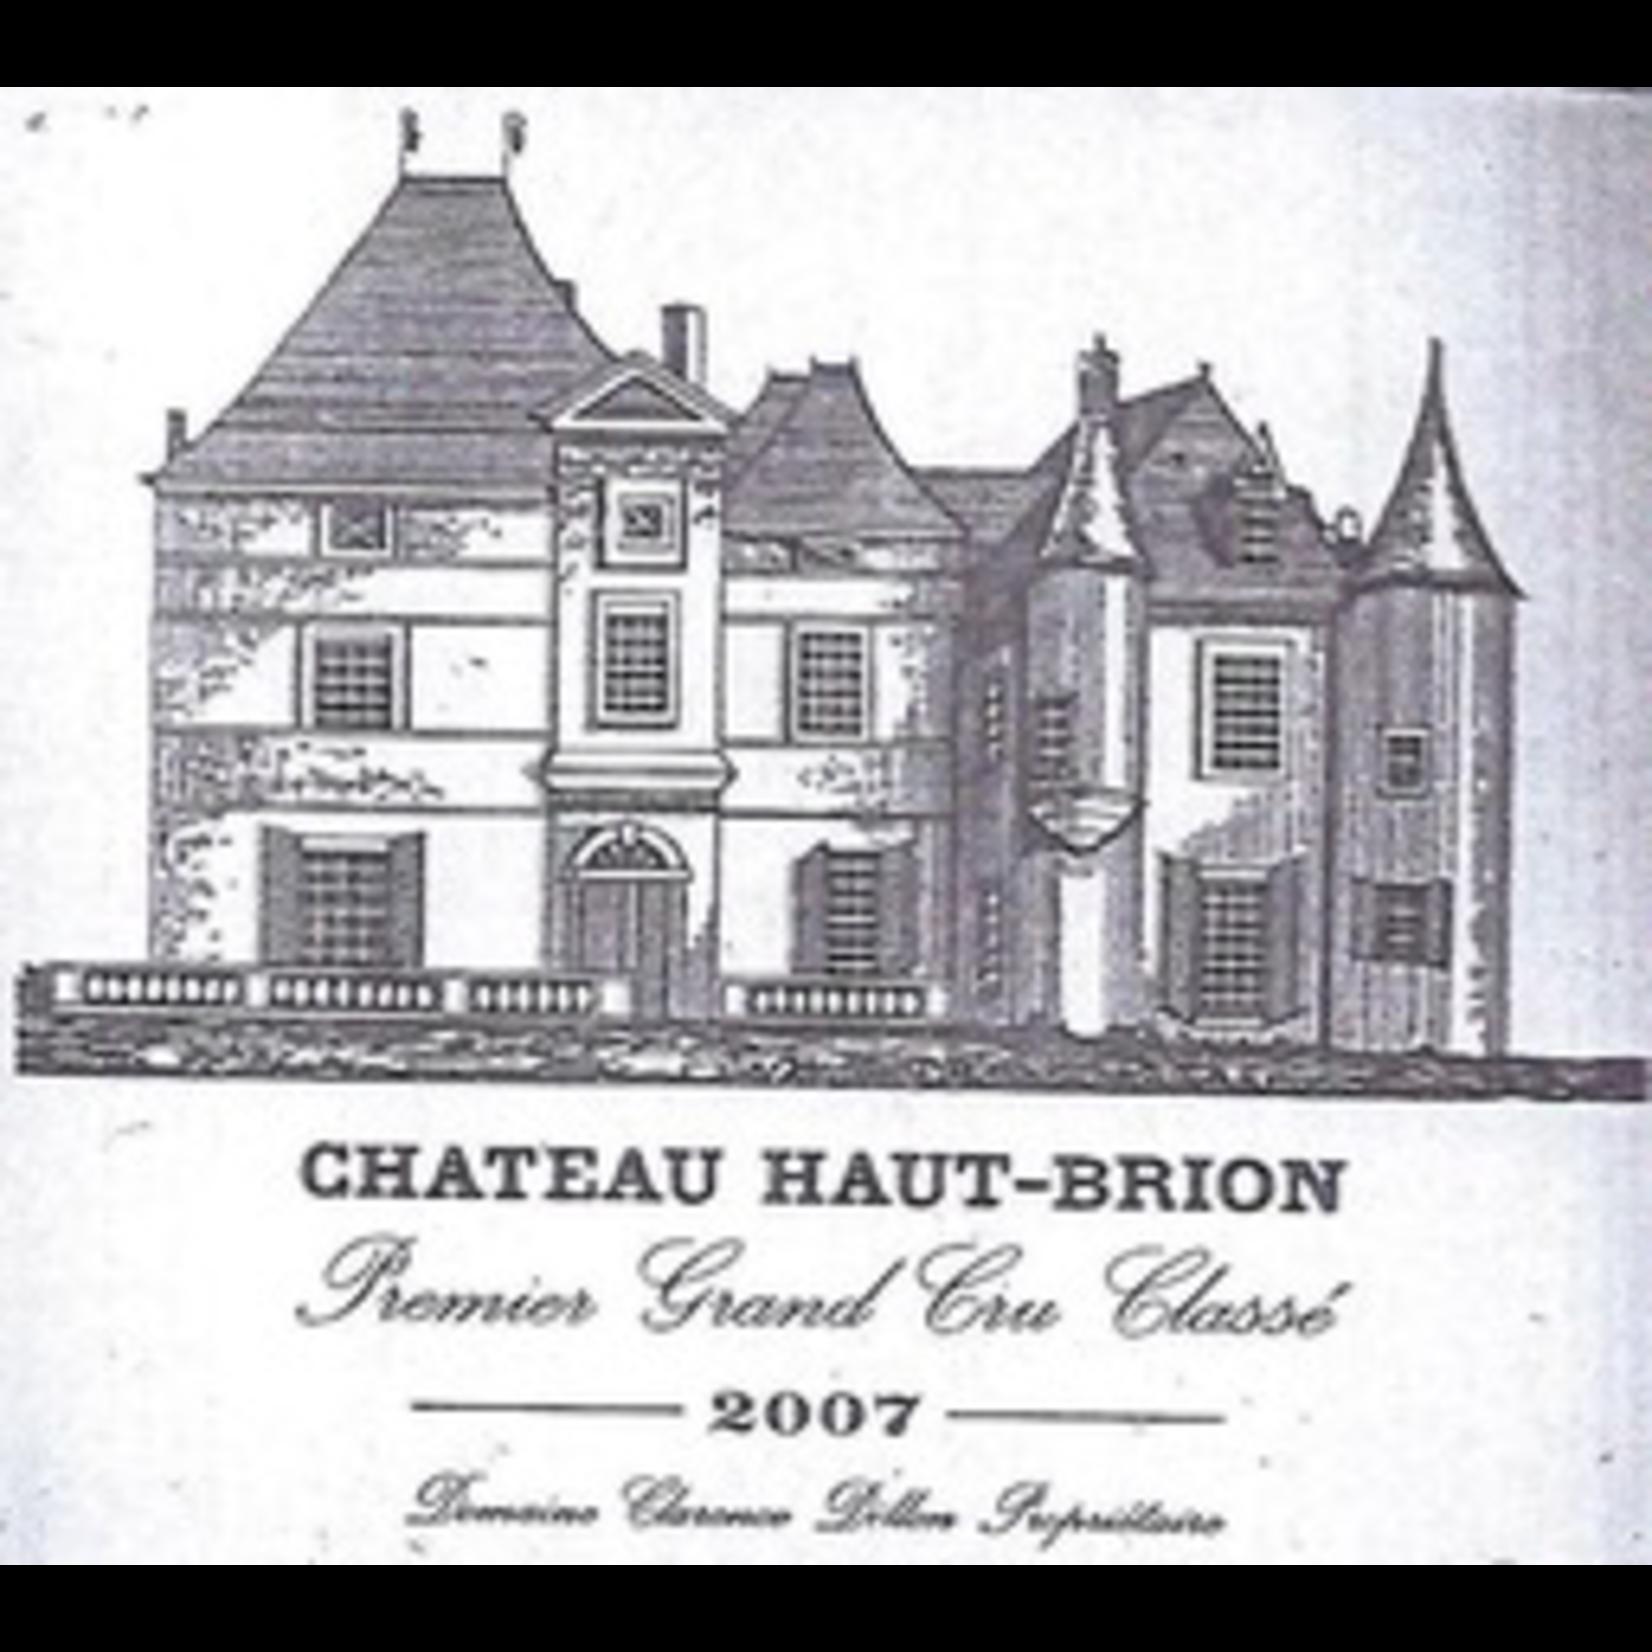 Wine Chateau Haut Brion Rouge 2007